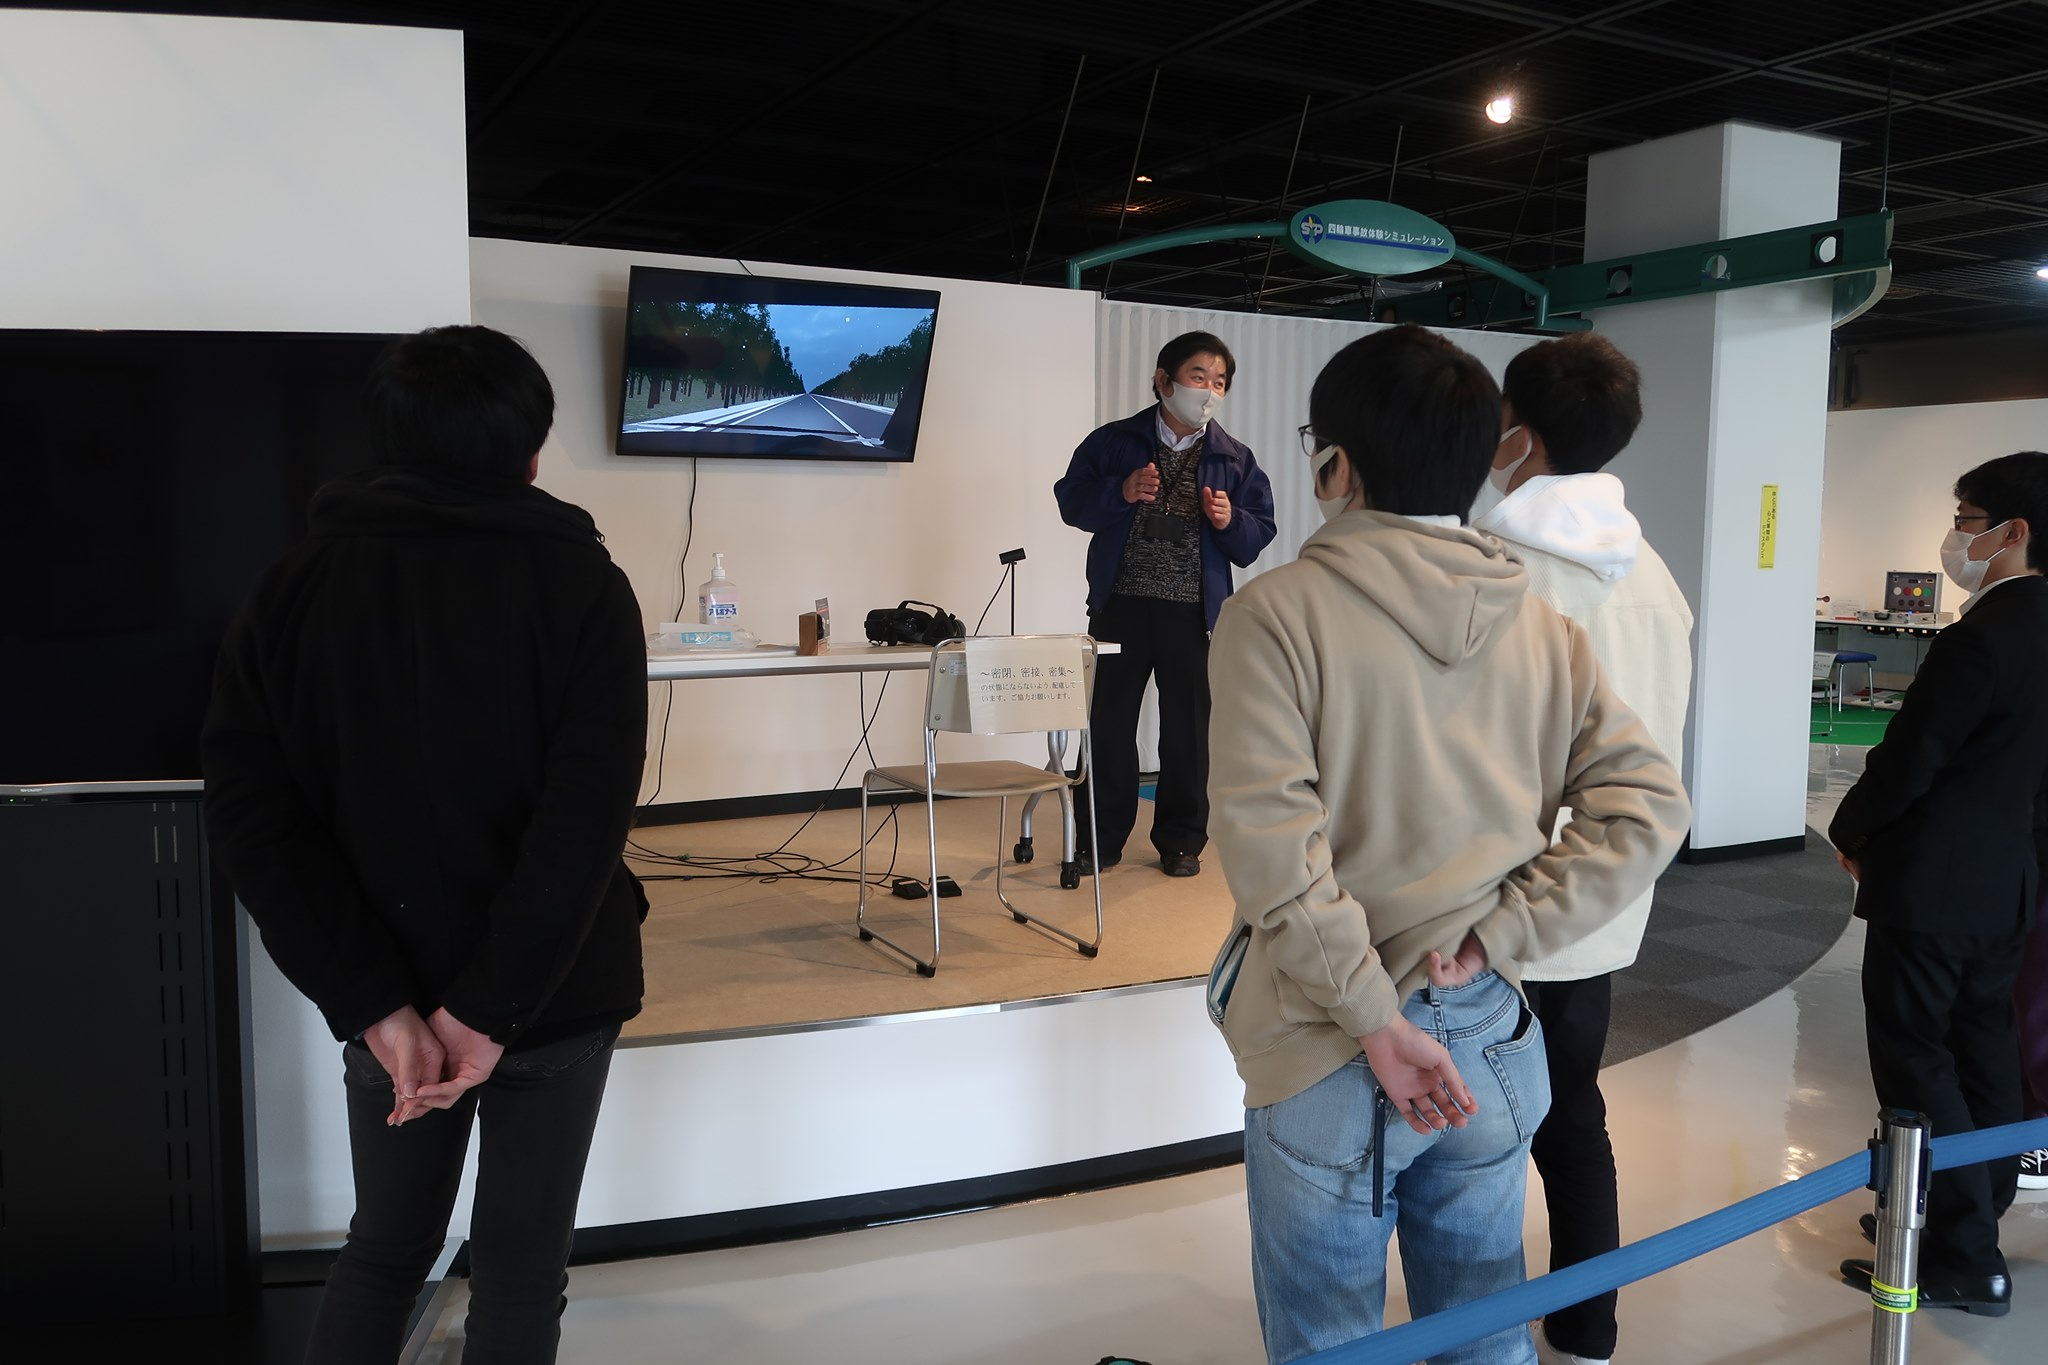 山口県交通安全学習館で交通安全学習を行いました!(公務員総合学科)